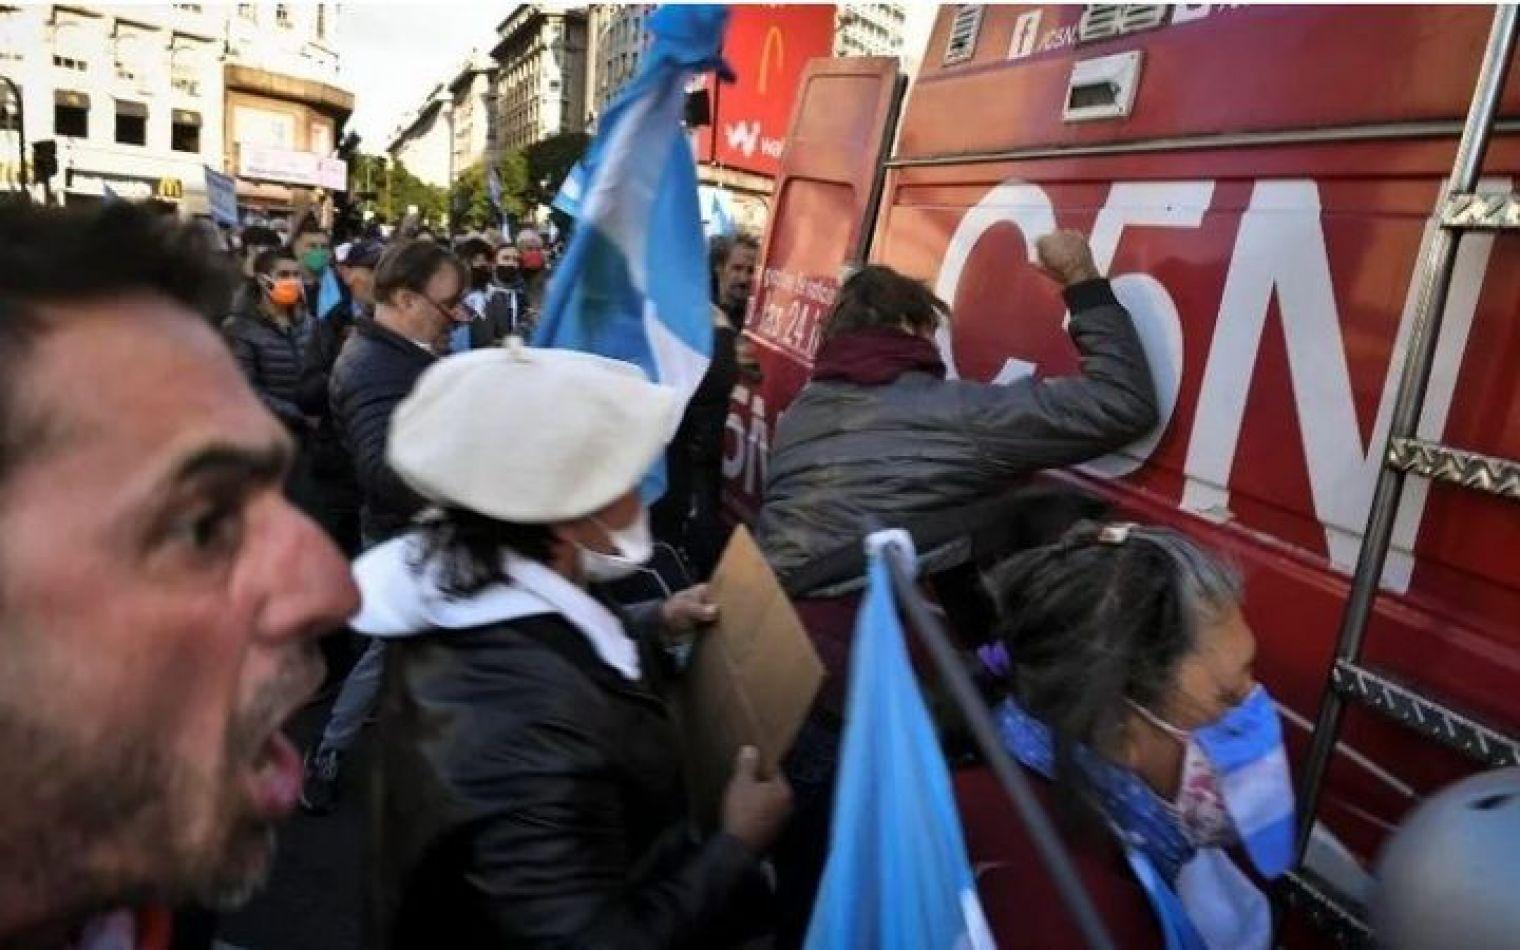 Violento ataque a móvil de C5N: destrozaron el vehículo y amenzaron a periodistas